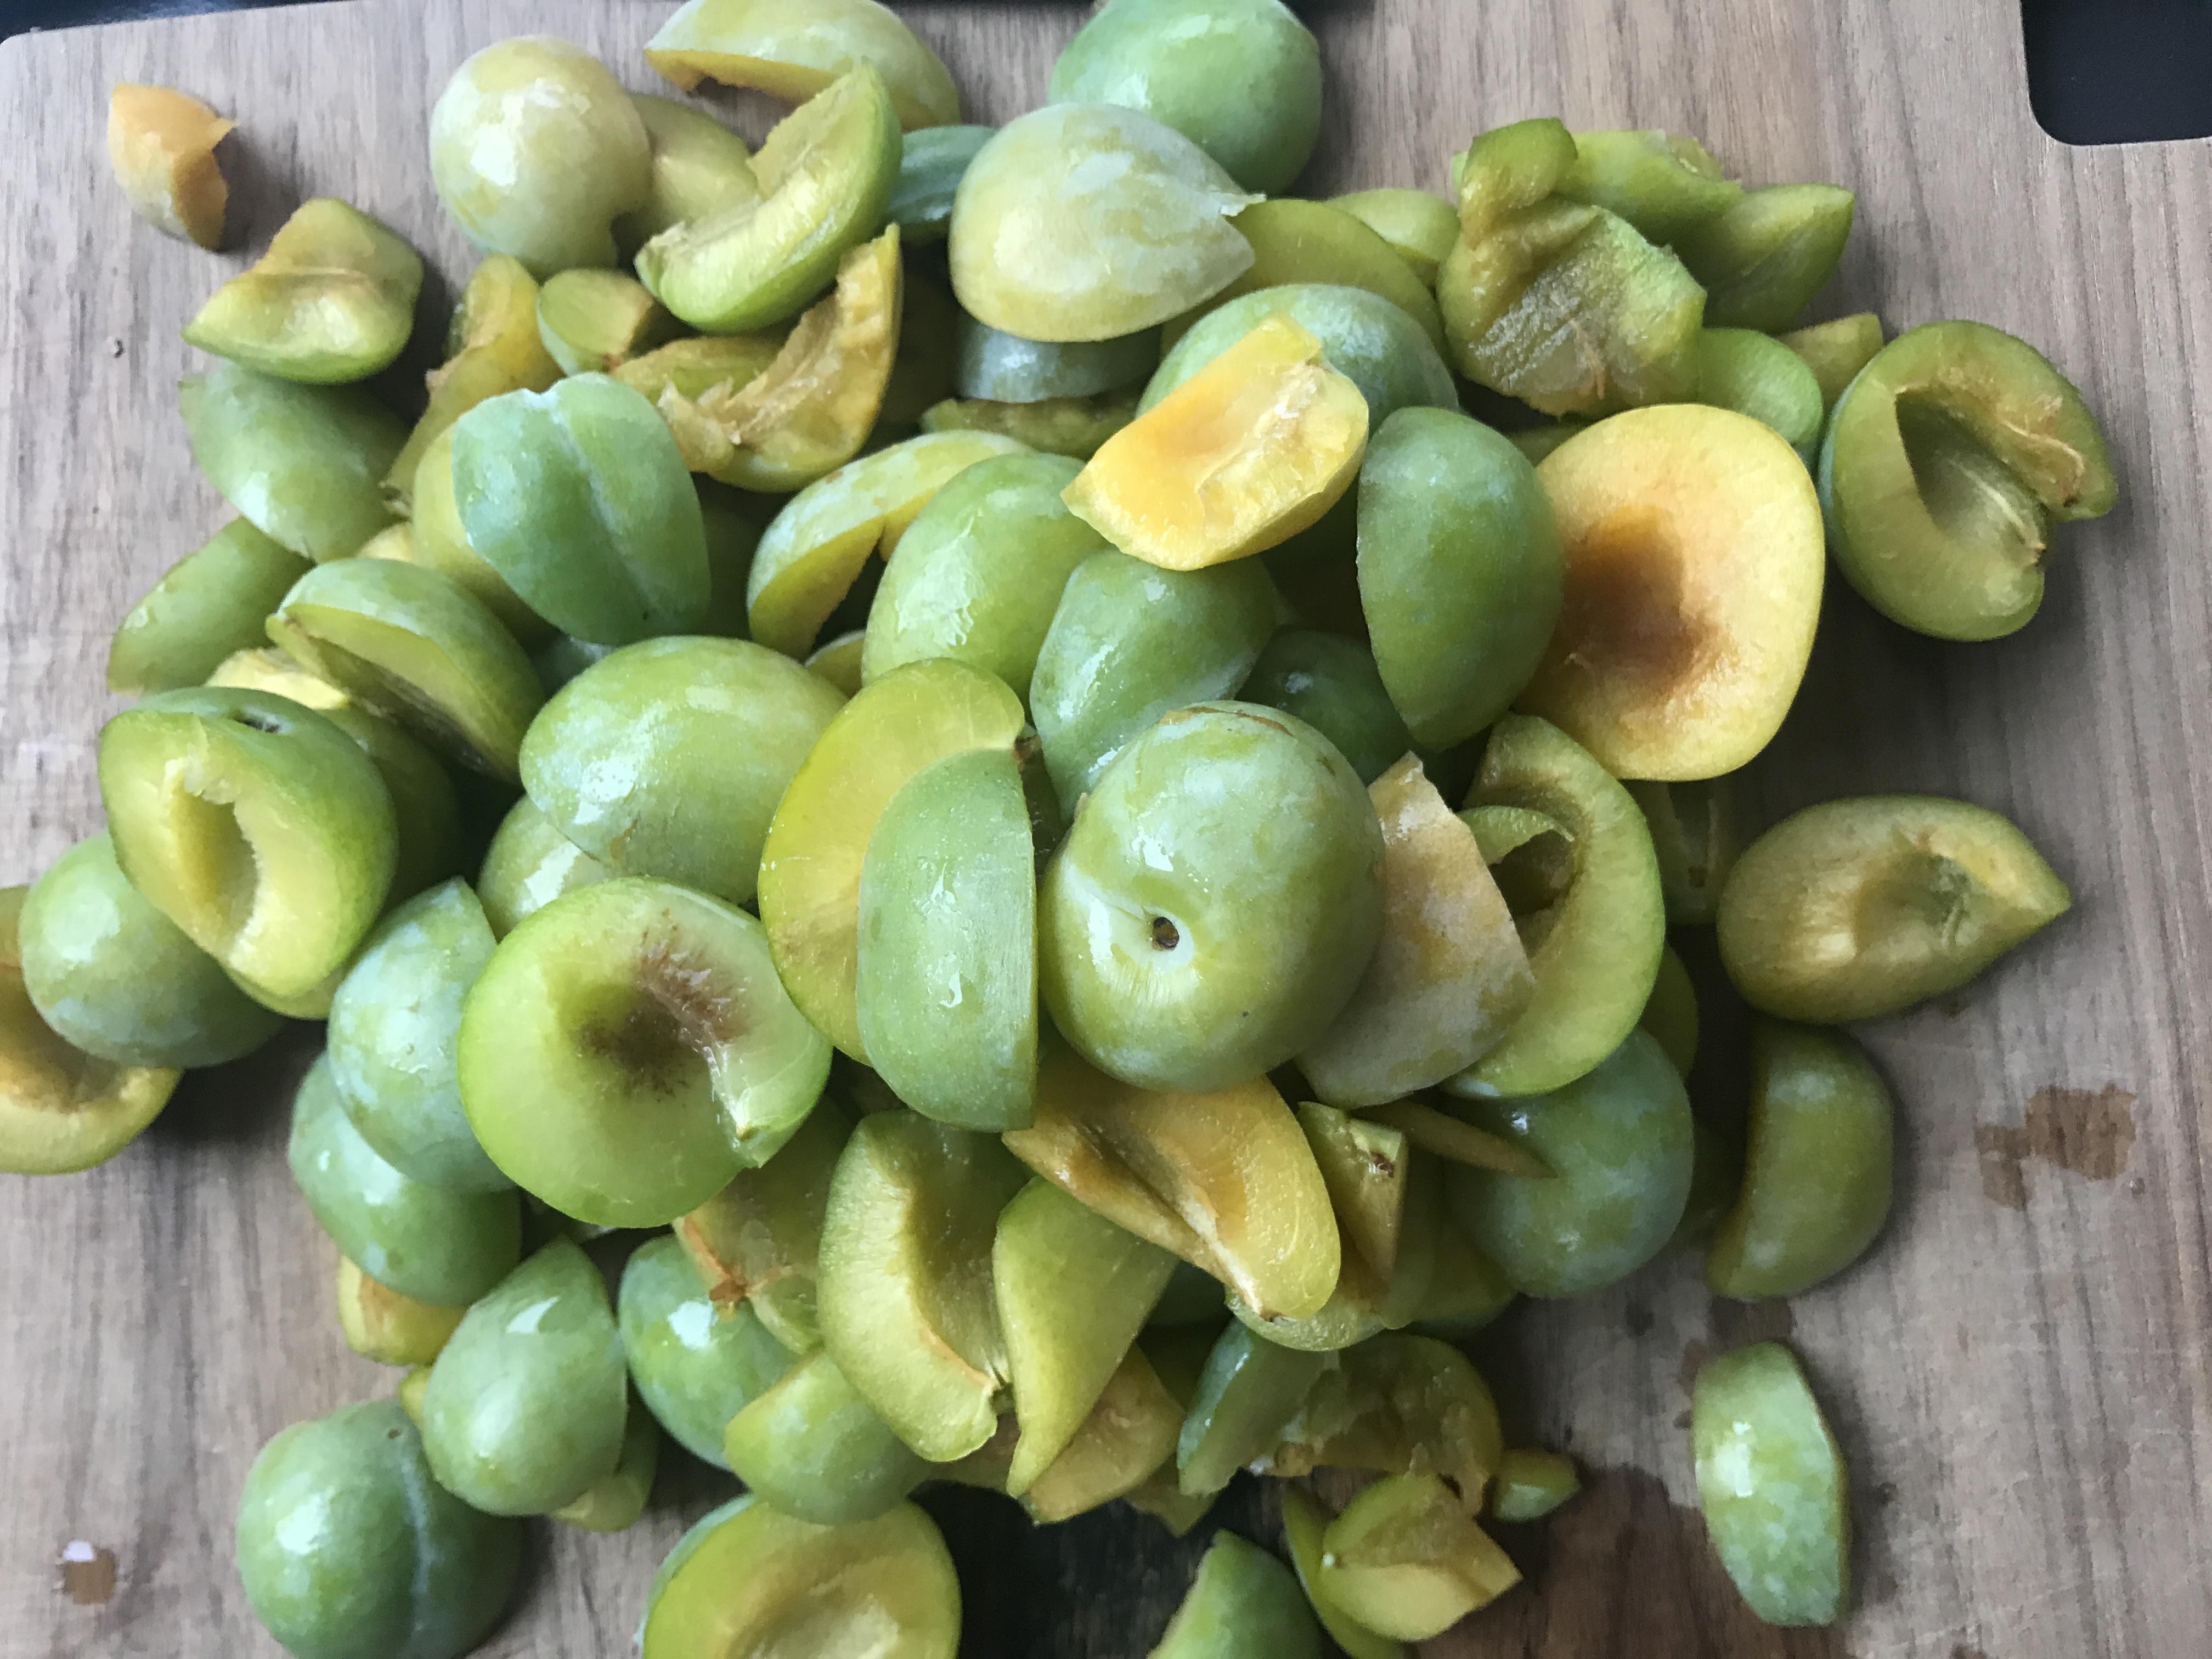 groene pruimen, grof gehakt